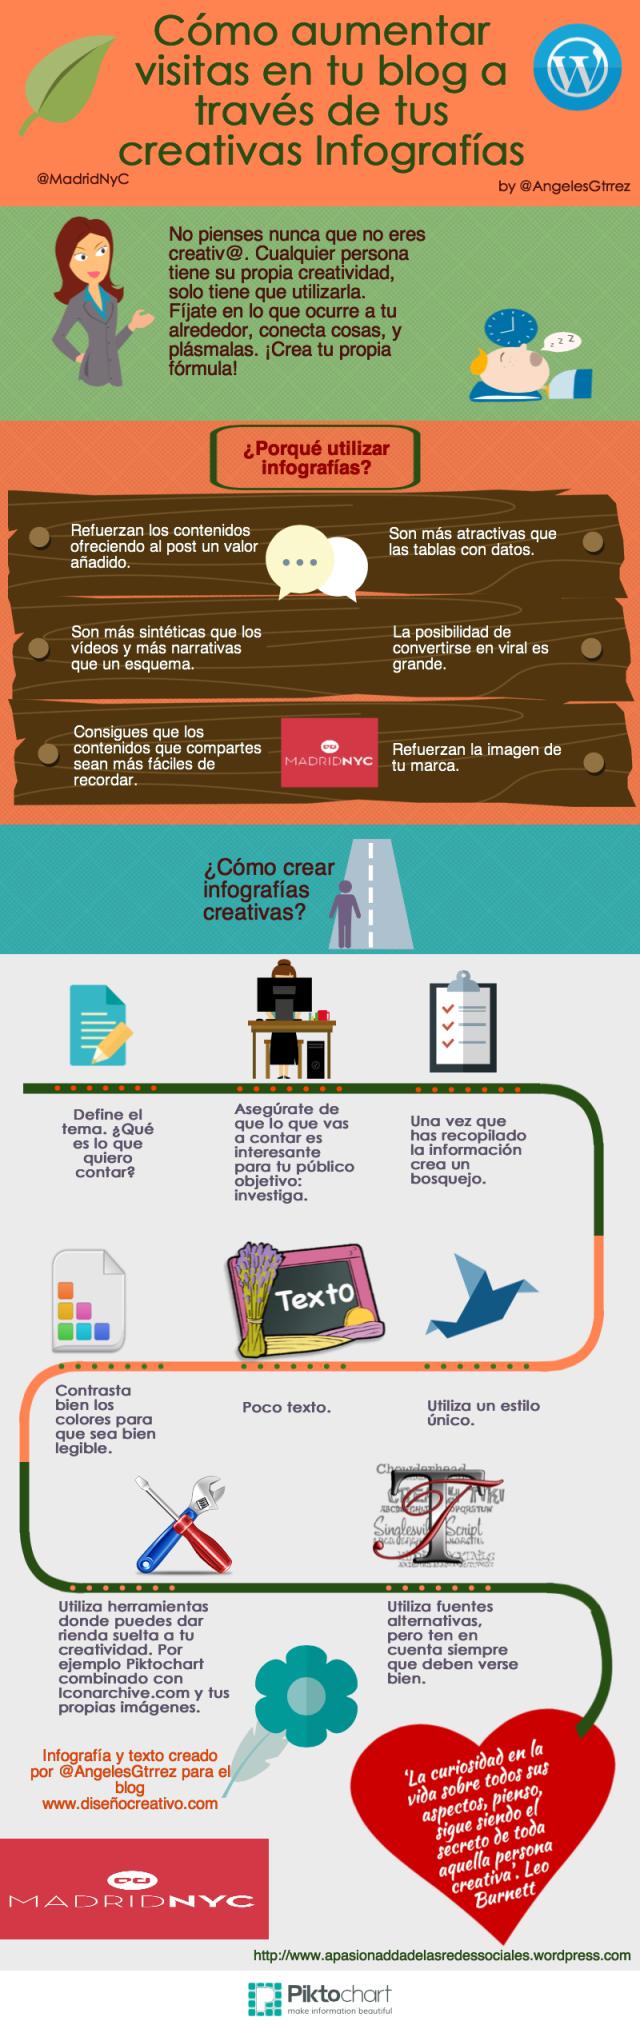 Cómo aumentar visitas en tu blog a través de creativas Infografías